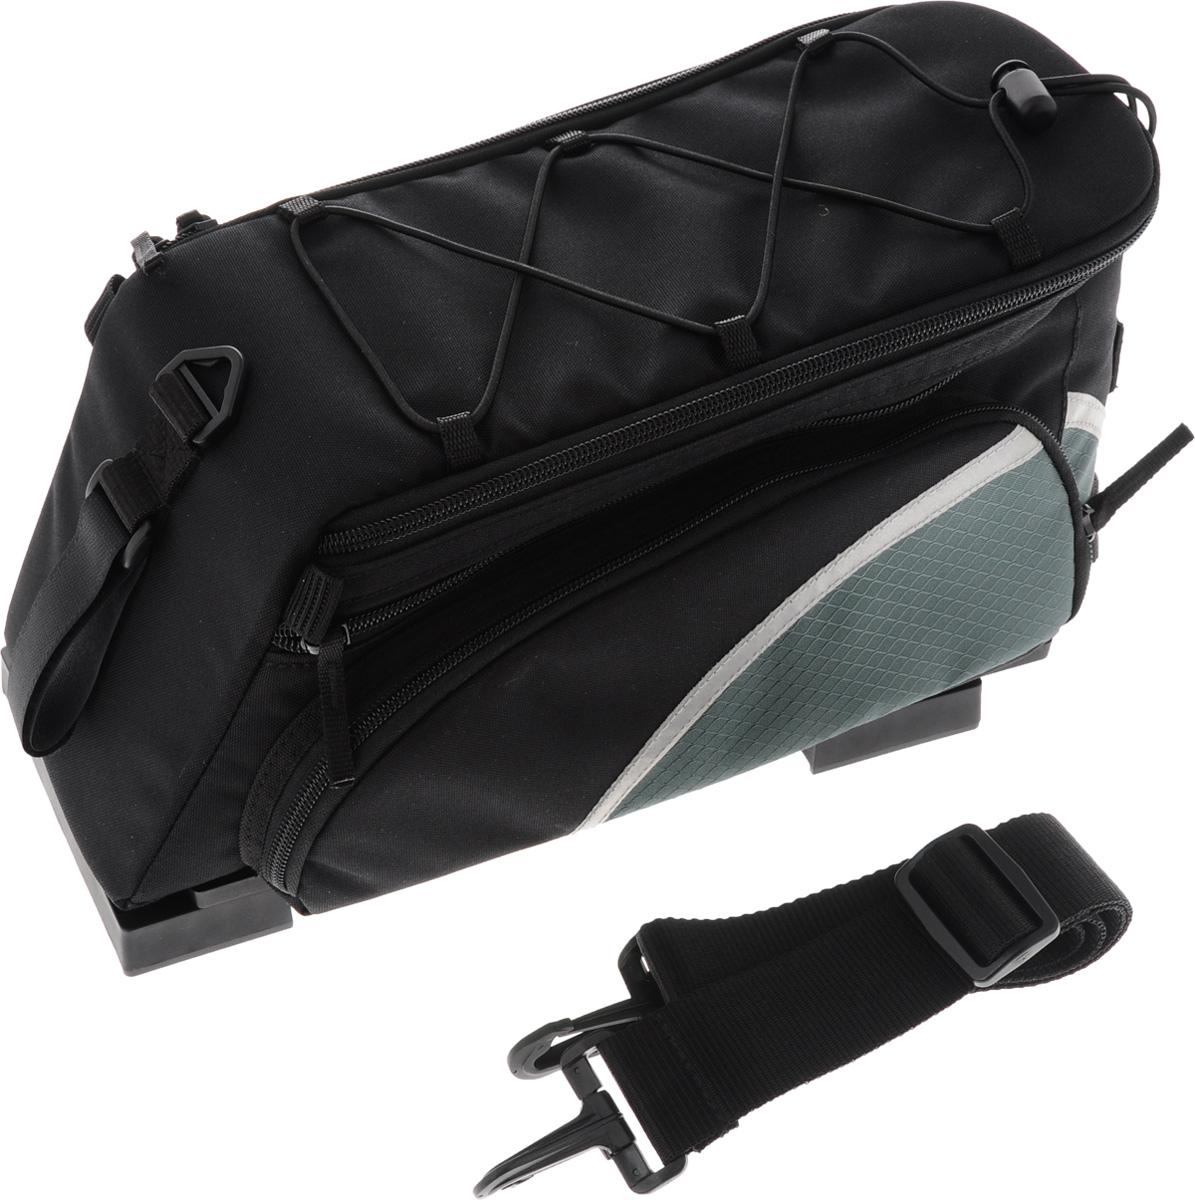 Велосумка на багажник Lotus, 35 х 17 х 21 смRivaCase 8460 blackСумка на багажник велосипеда Lotus изготовлена из прочного полиэстераи нейлона. Мягкая подкладка из вспененного пенополиэтилена предохраняет содержимое от повреждений, дно уплотненное. Сумка имеет вместительное внутреннее отделение с карманом, закрывается на молнию. Функция расширения обеспечивает большую вместимость. Снаружи распложены два объемных кармана на молнии с ключевыми крюками для хранения мелочей. Специальный эластичный затягивающийся шнур на крышке сумки предназначен для крепления небольших вещей. Изделие снабжено наплечным ремнем для переноски. С помощью пластикового крепления вы надежно присоедините сумку к багажнику.